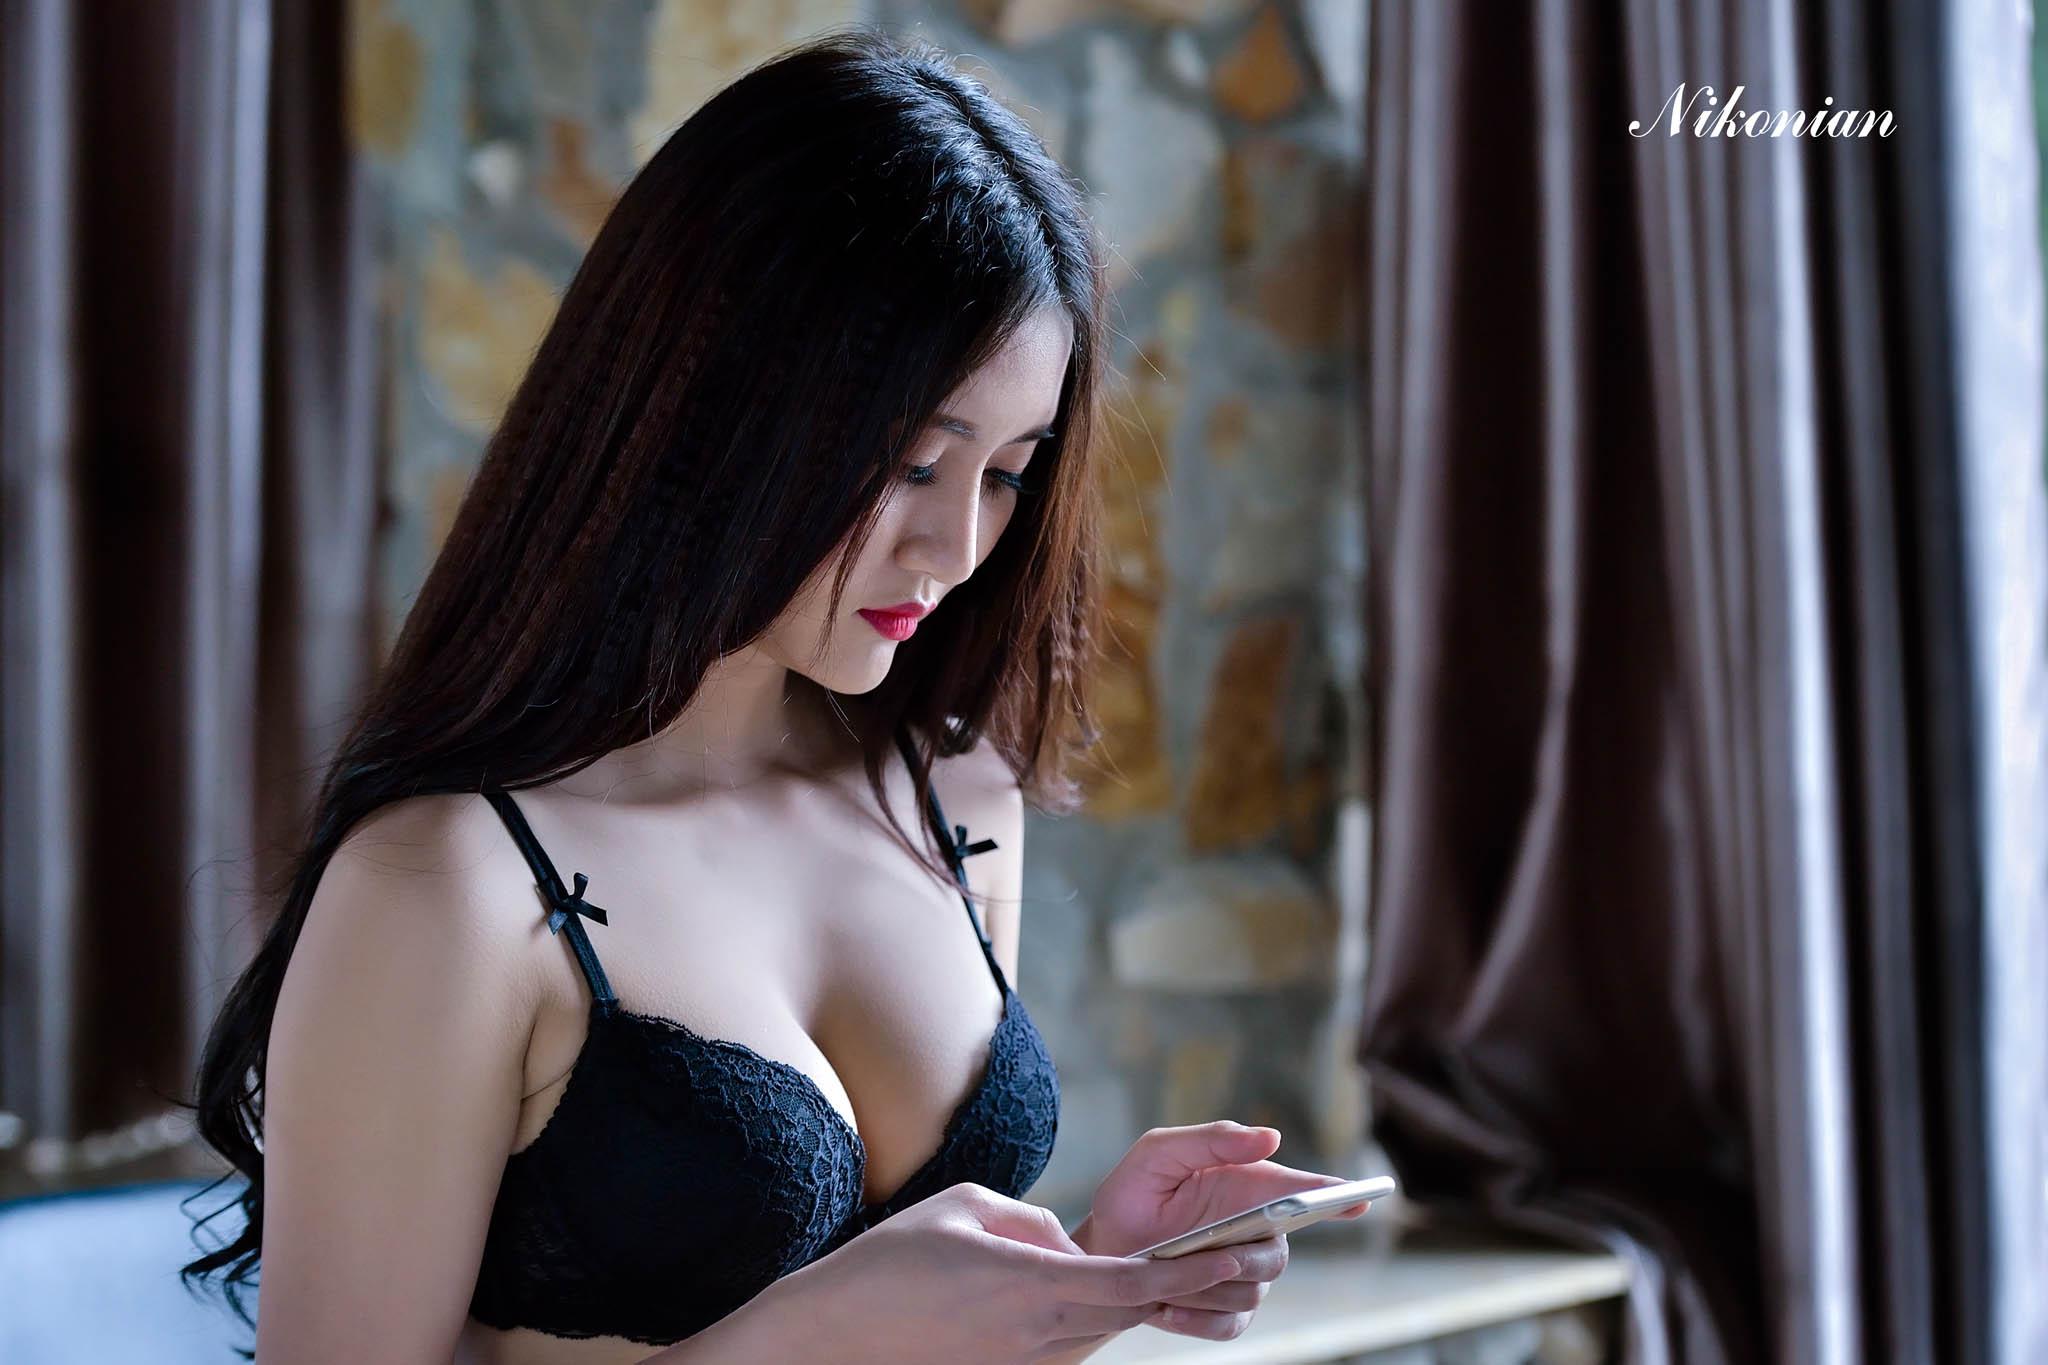 Pong Kyubi nữ sát thủ xinh đẹp photo Nguyễn Ngọc Trung